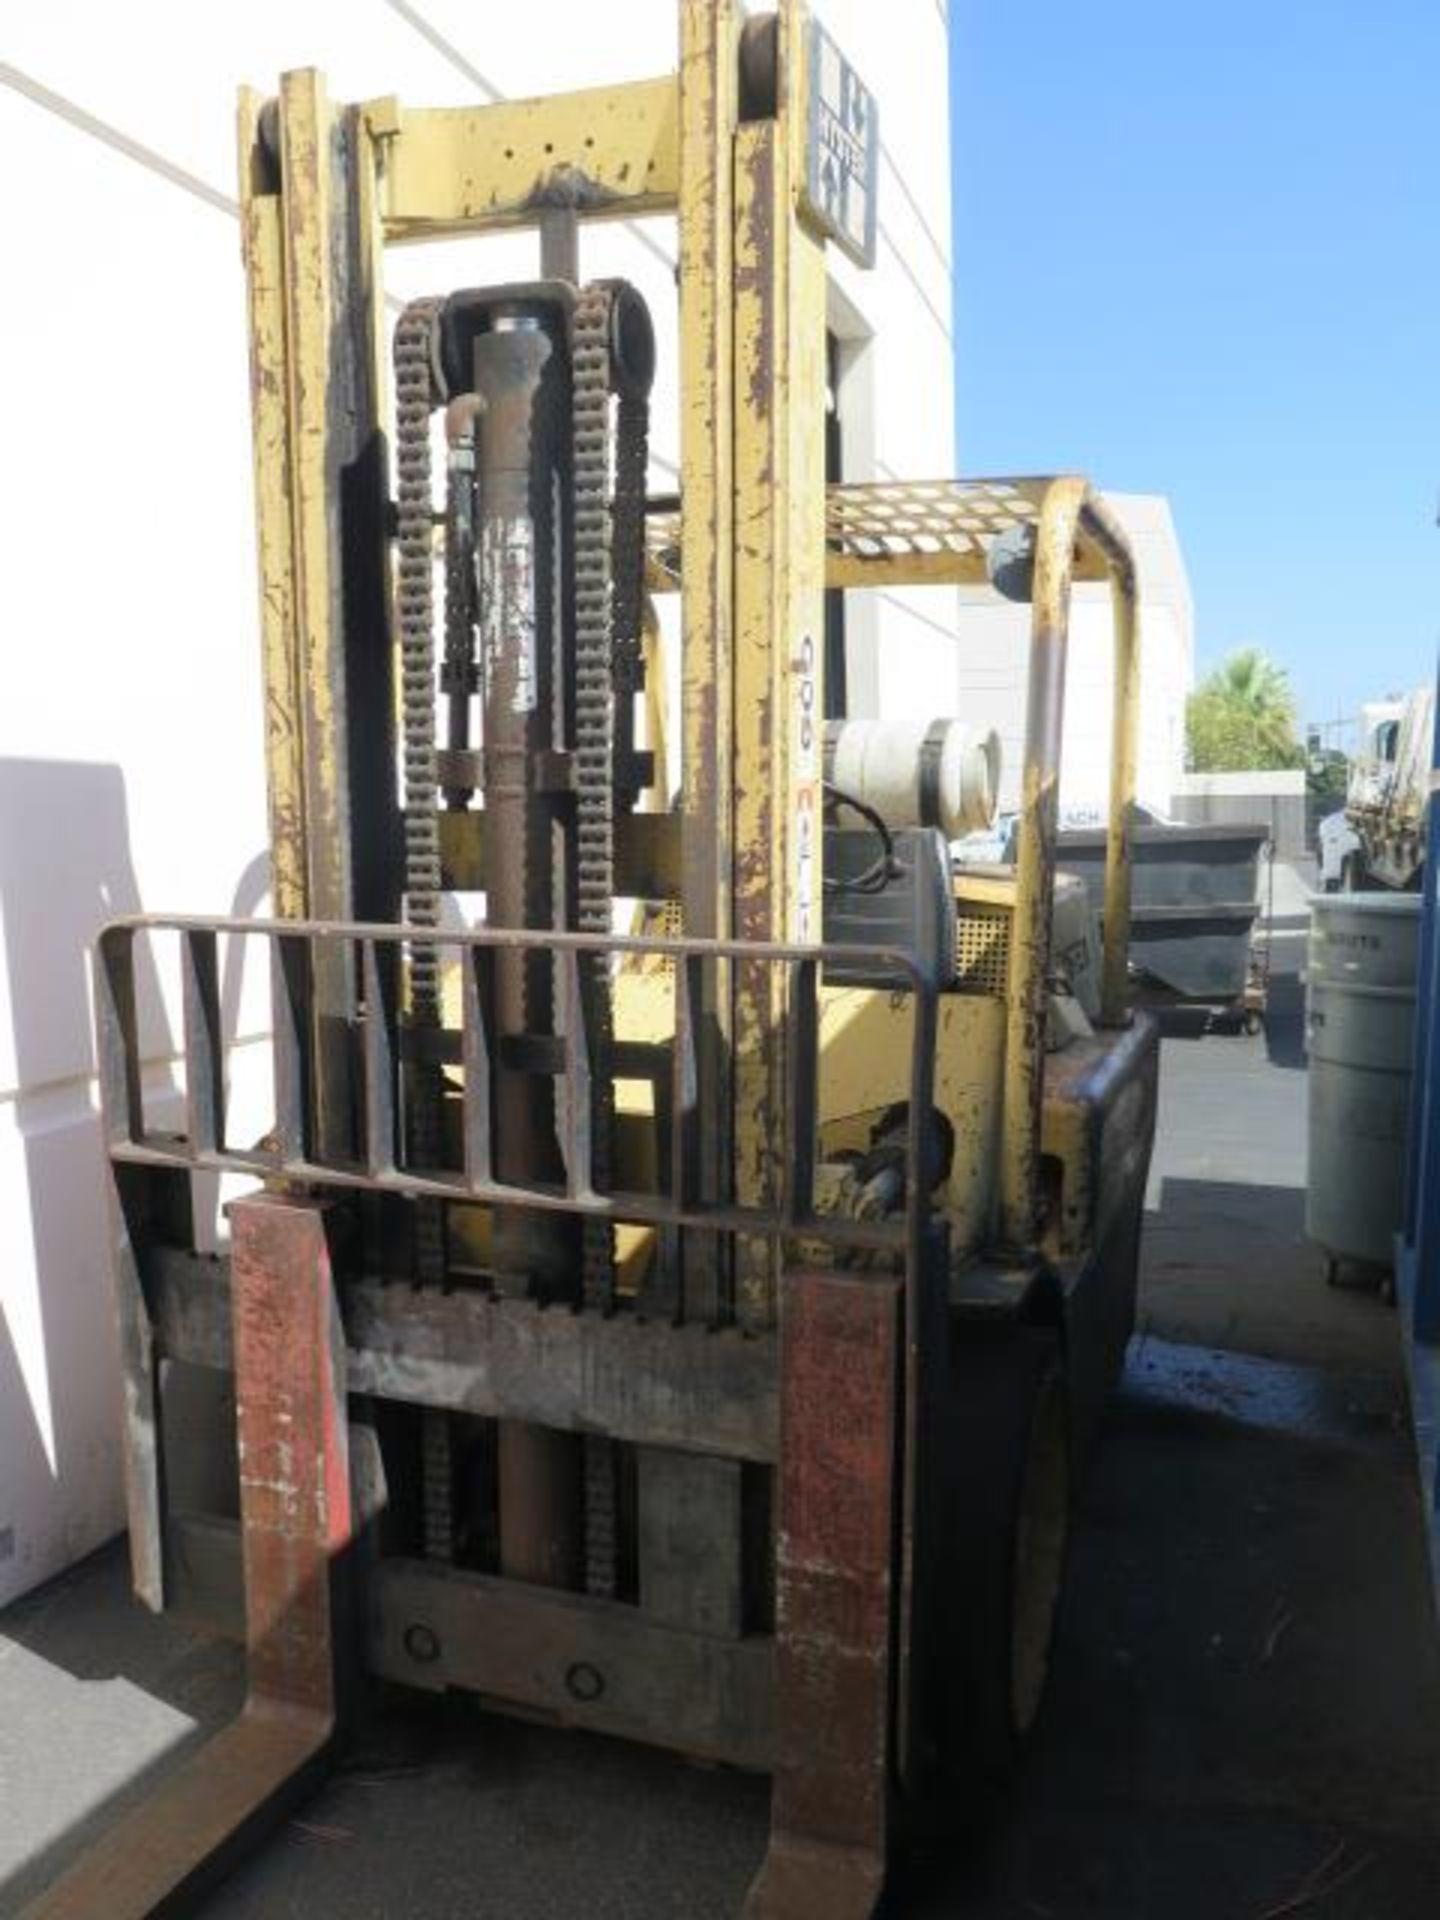 """Hyster S125A 12,500 Lb Cap LPG Forklift s/n A024DC4389A w/ 2-Stage Mast, 129"""" Lift Height, 2-Speed T"""